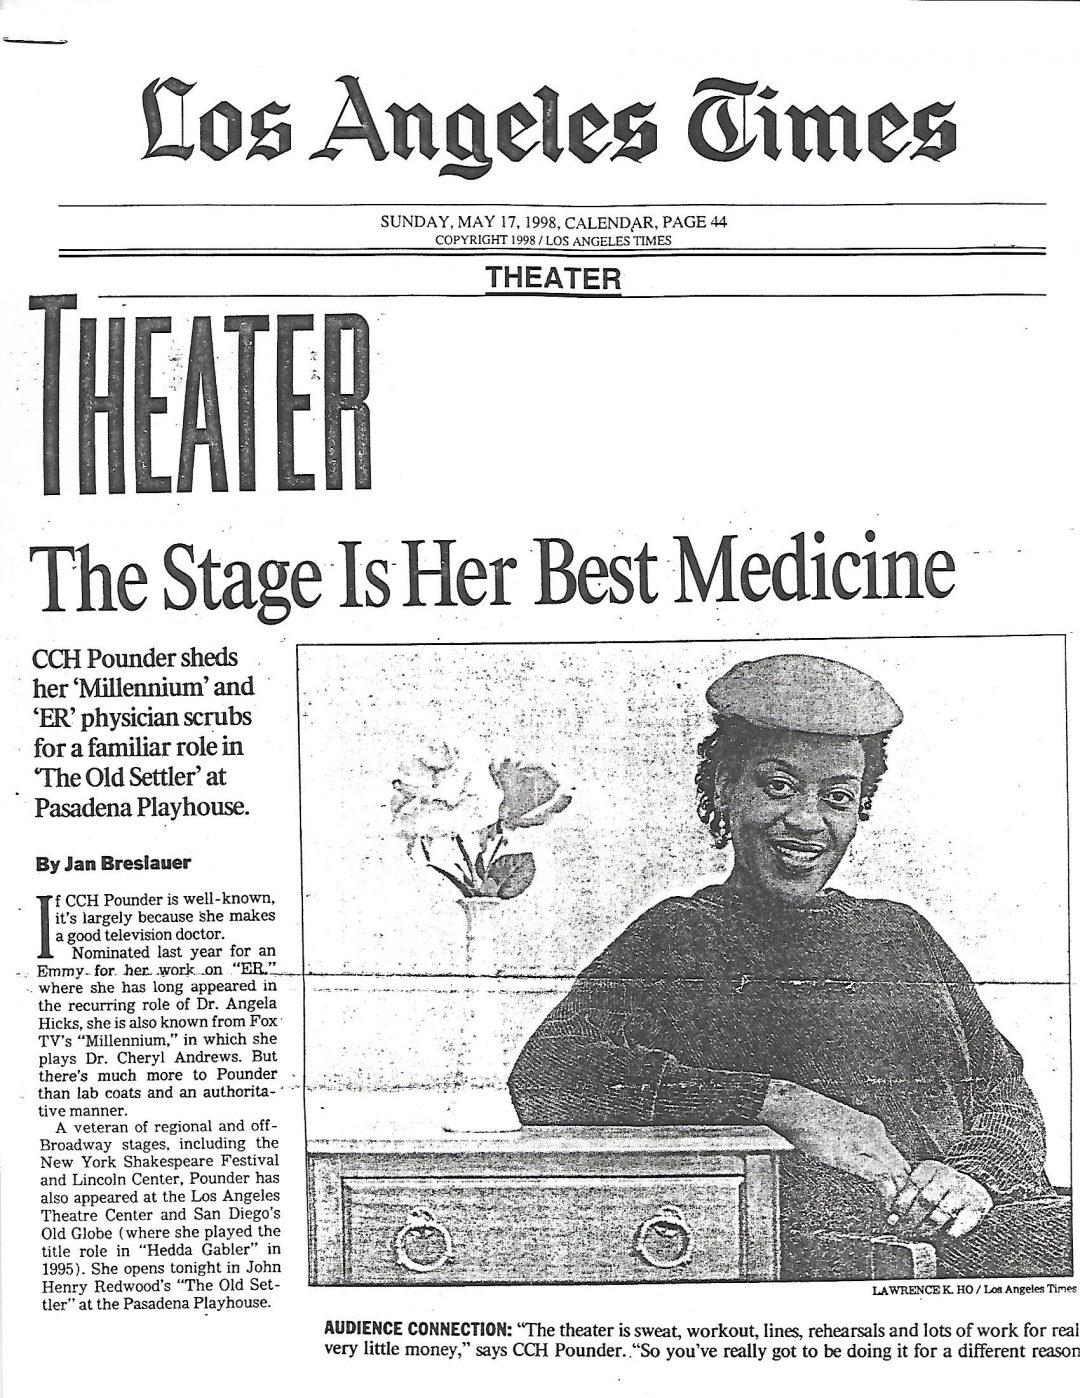 LA Times: May 17, 1998